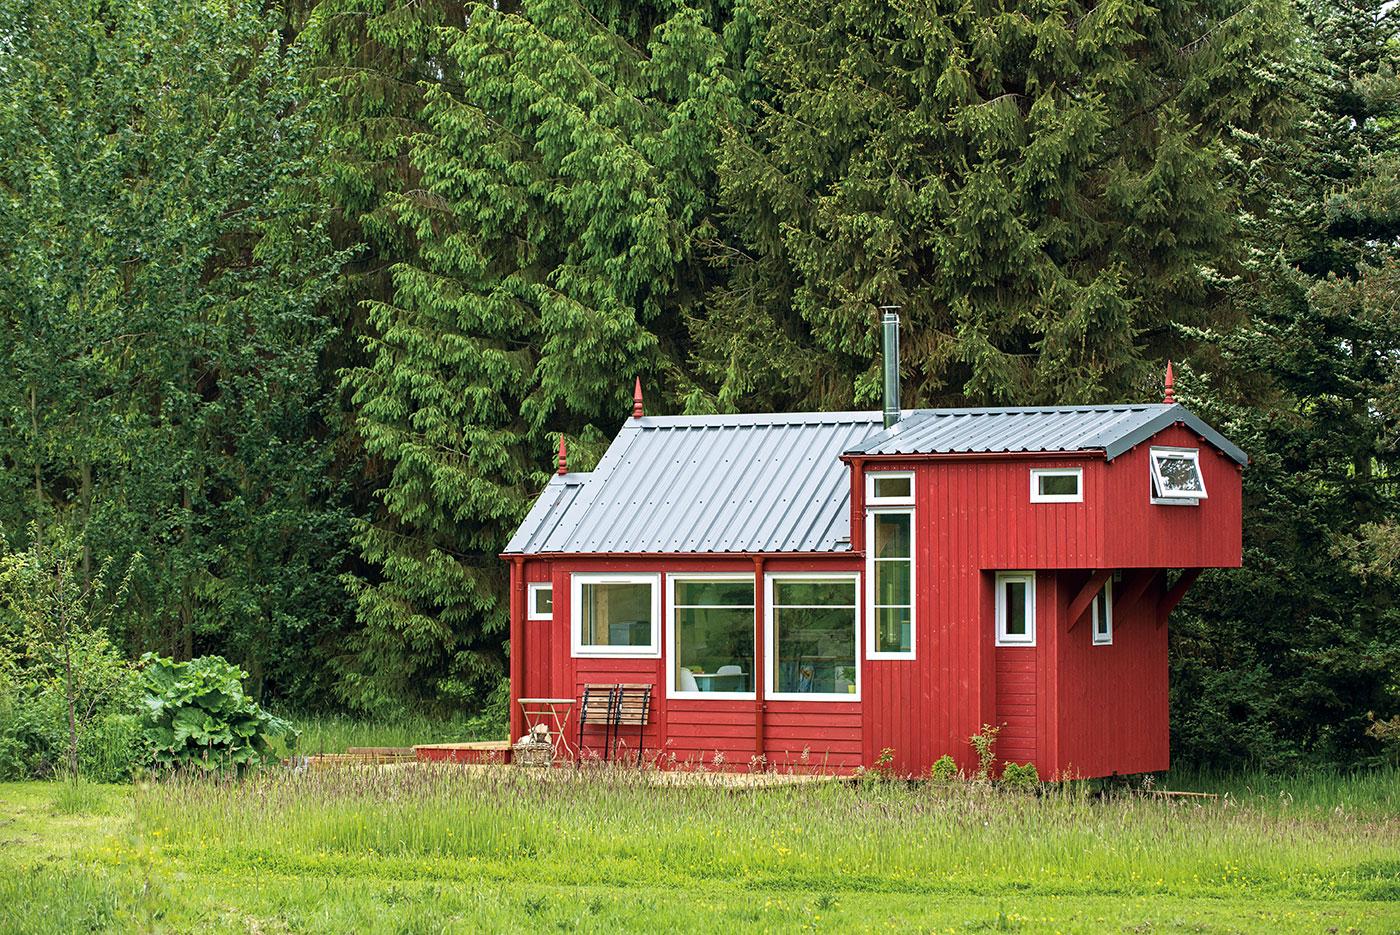 Tiny house archives the shelter blog for Tiny house kits california